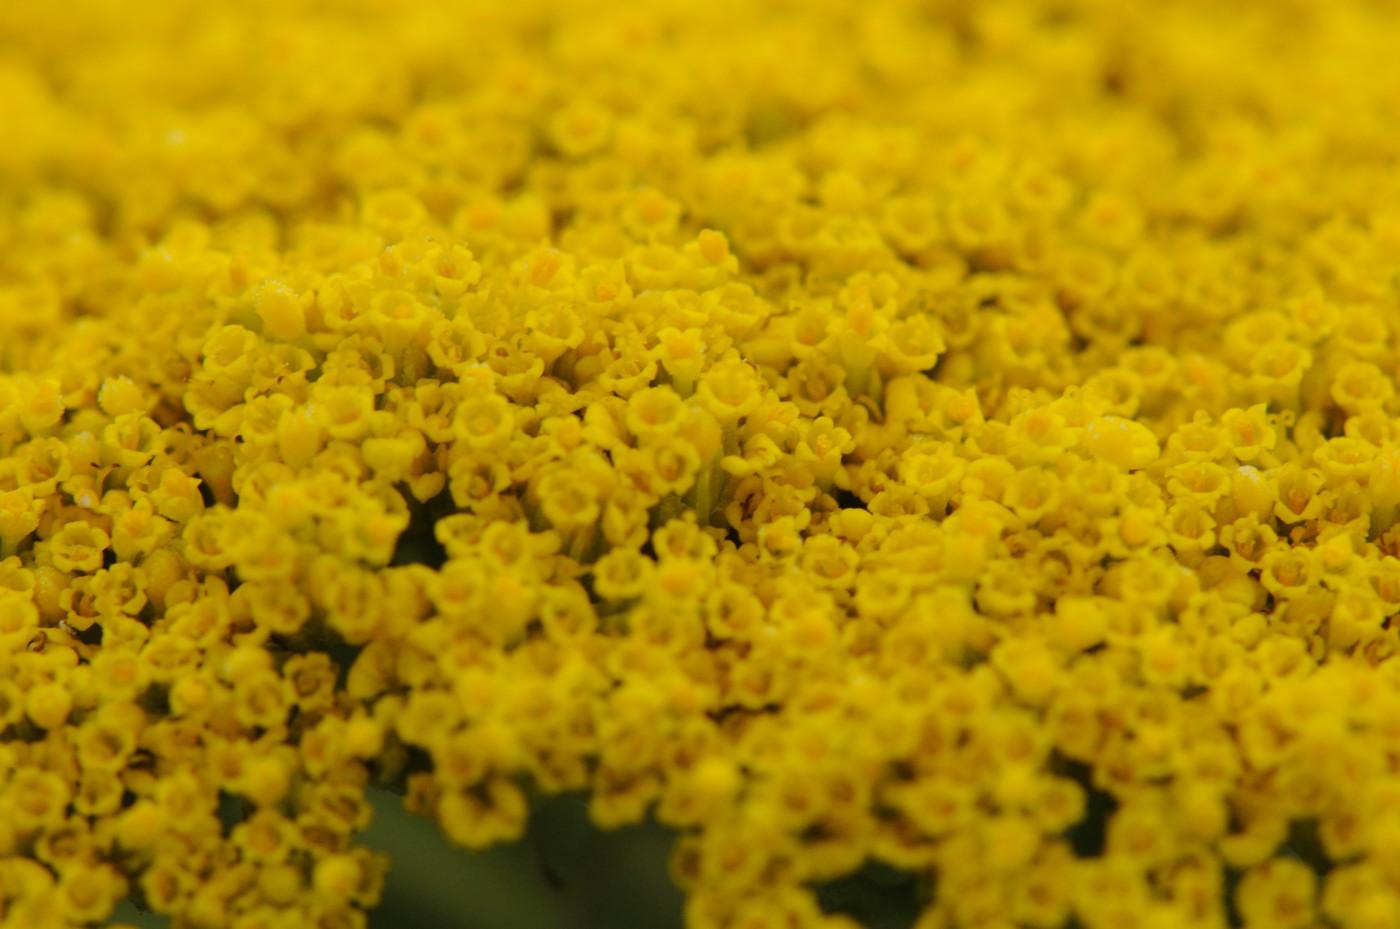 黄色いつぶつぶにマクロパワー全開!